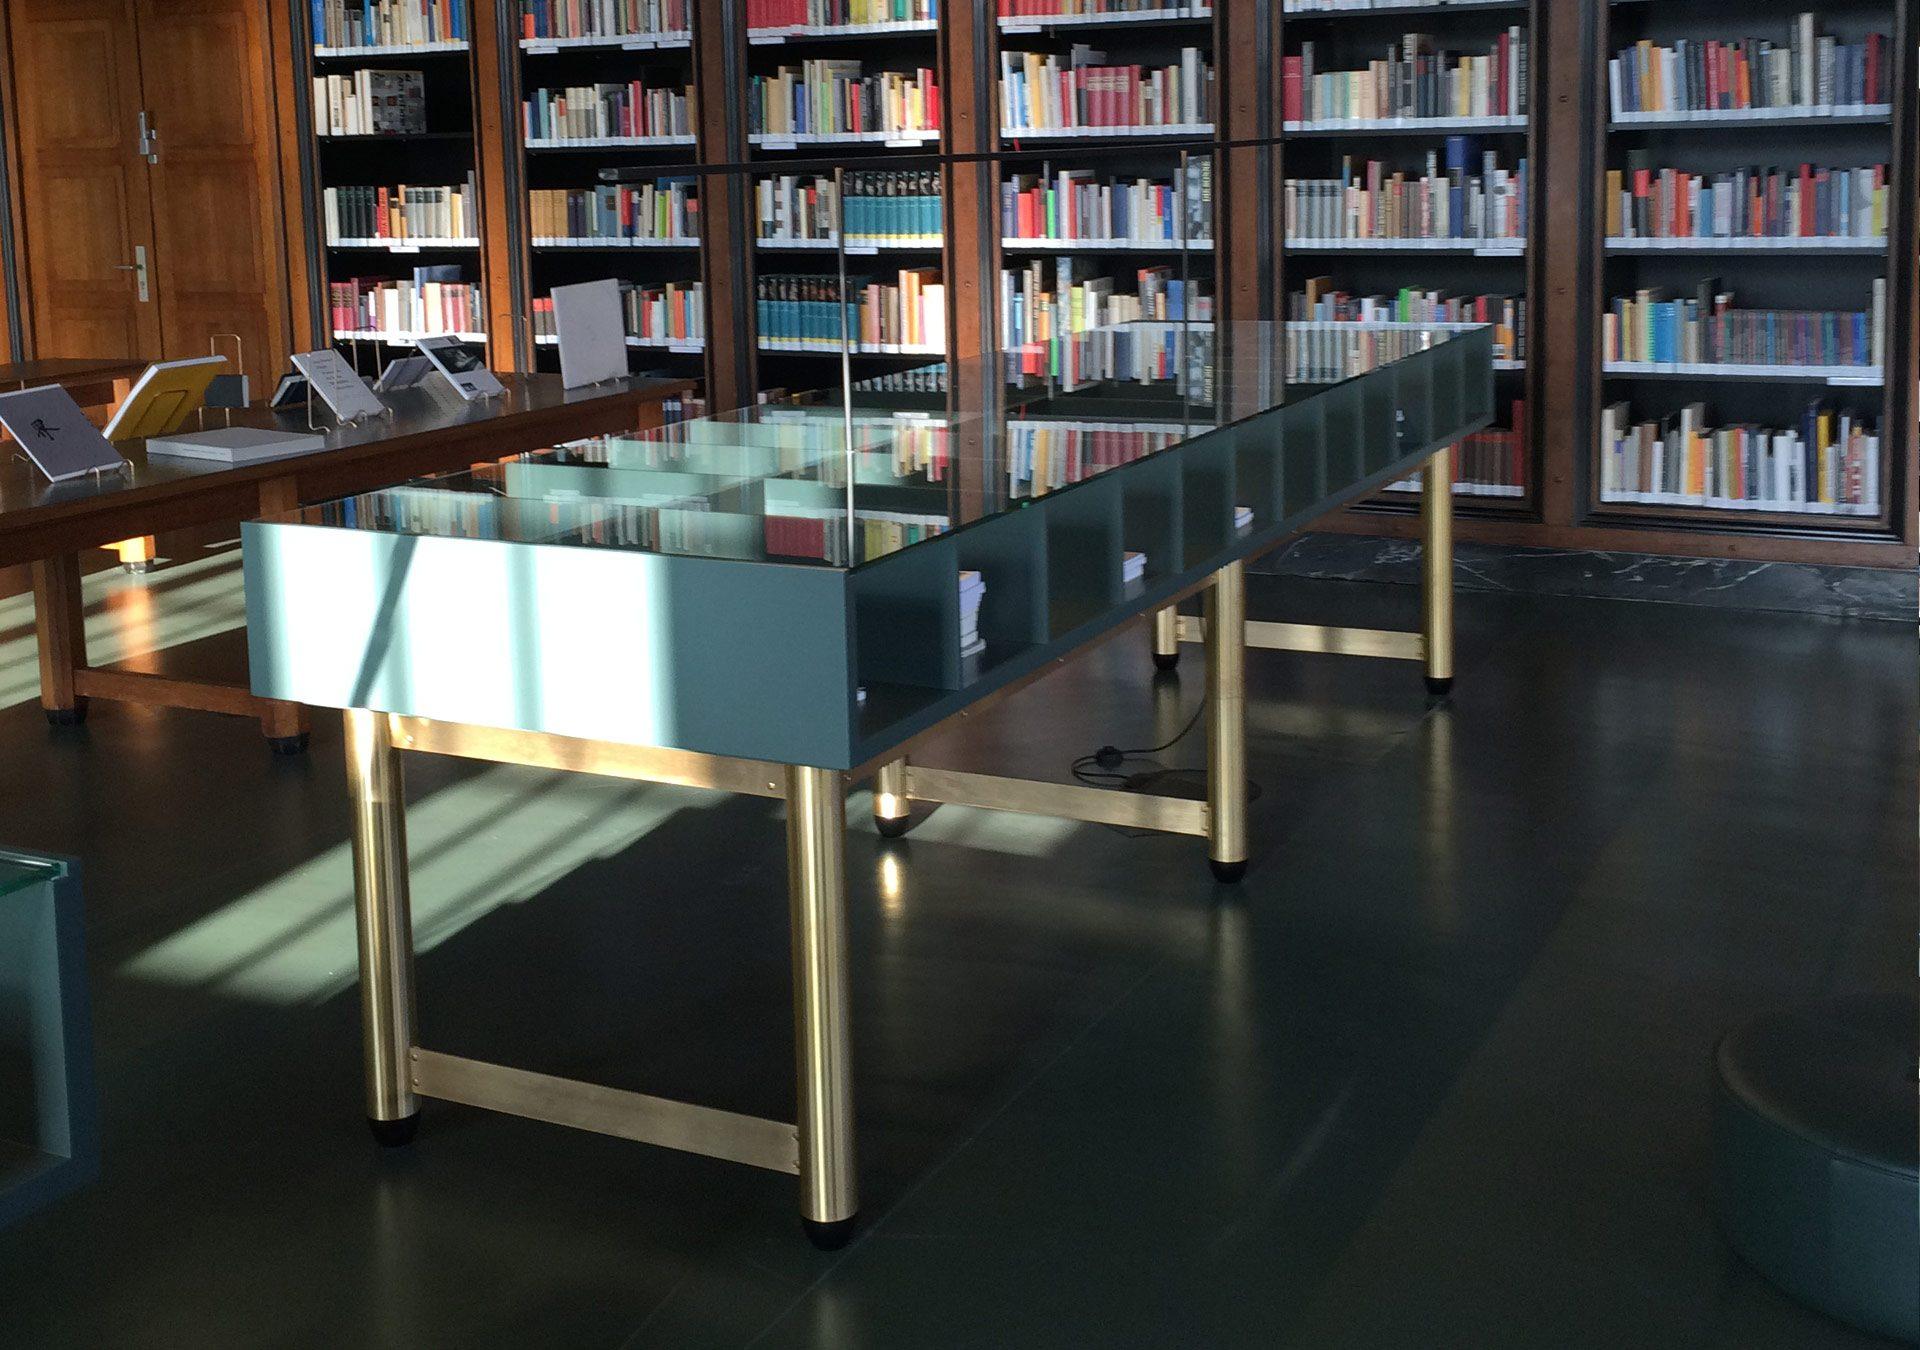 Oliver Schau, Library Design, Bibliothek, HFBK Hamburg, Hochschule für Bildende Künste Hamburg,